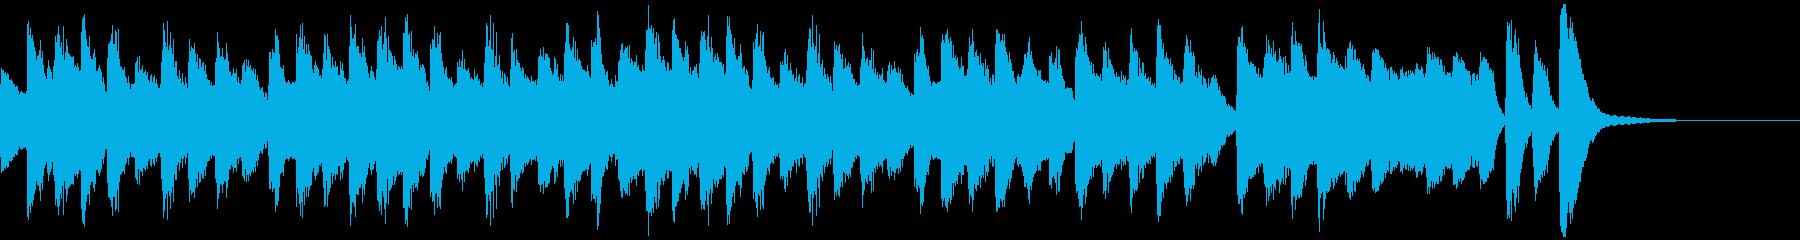 ほのぼのした雰囲気のワルツの再生済みの波形